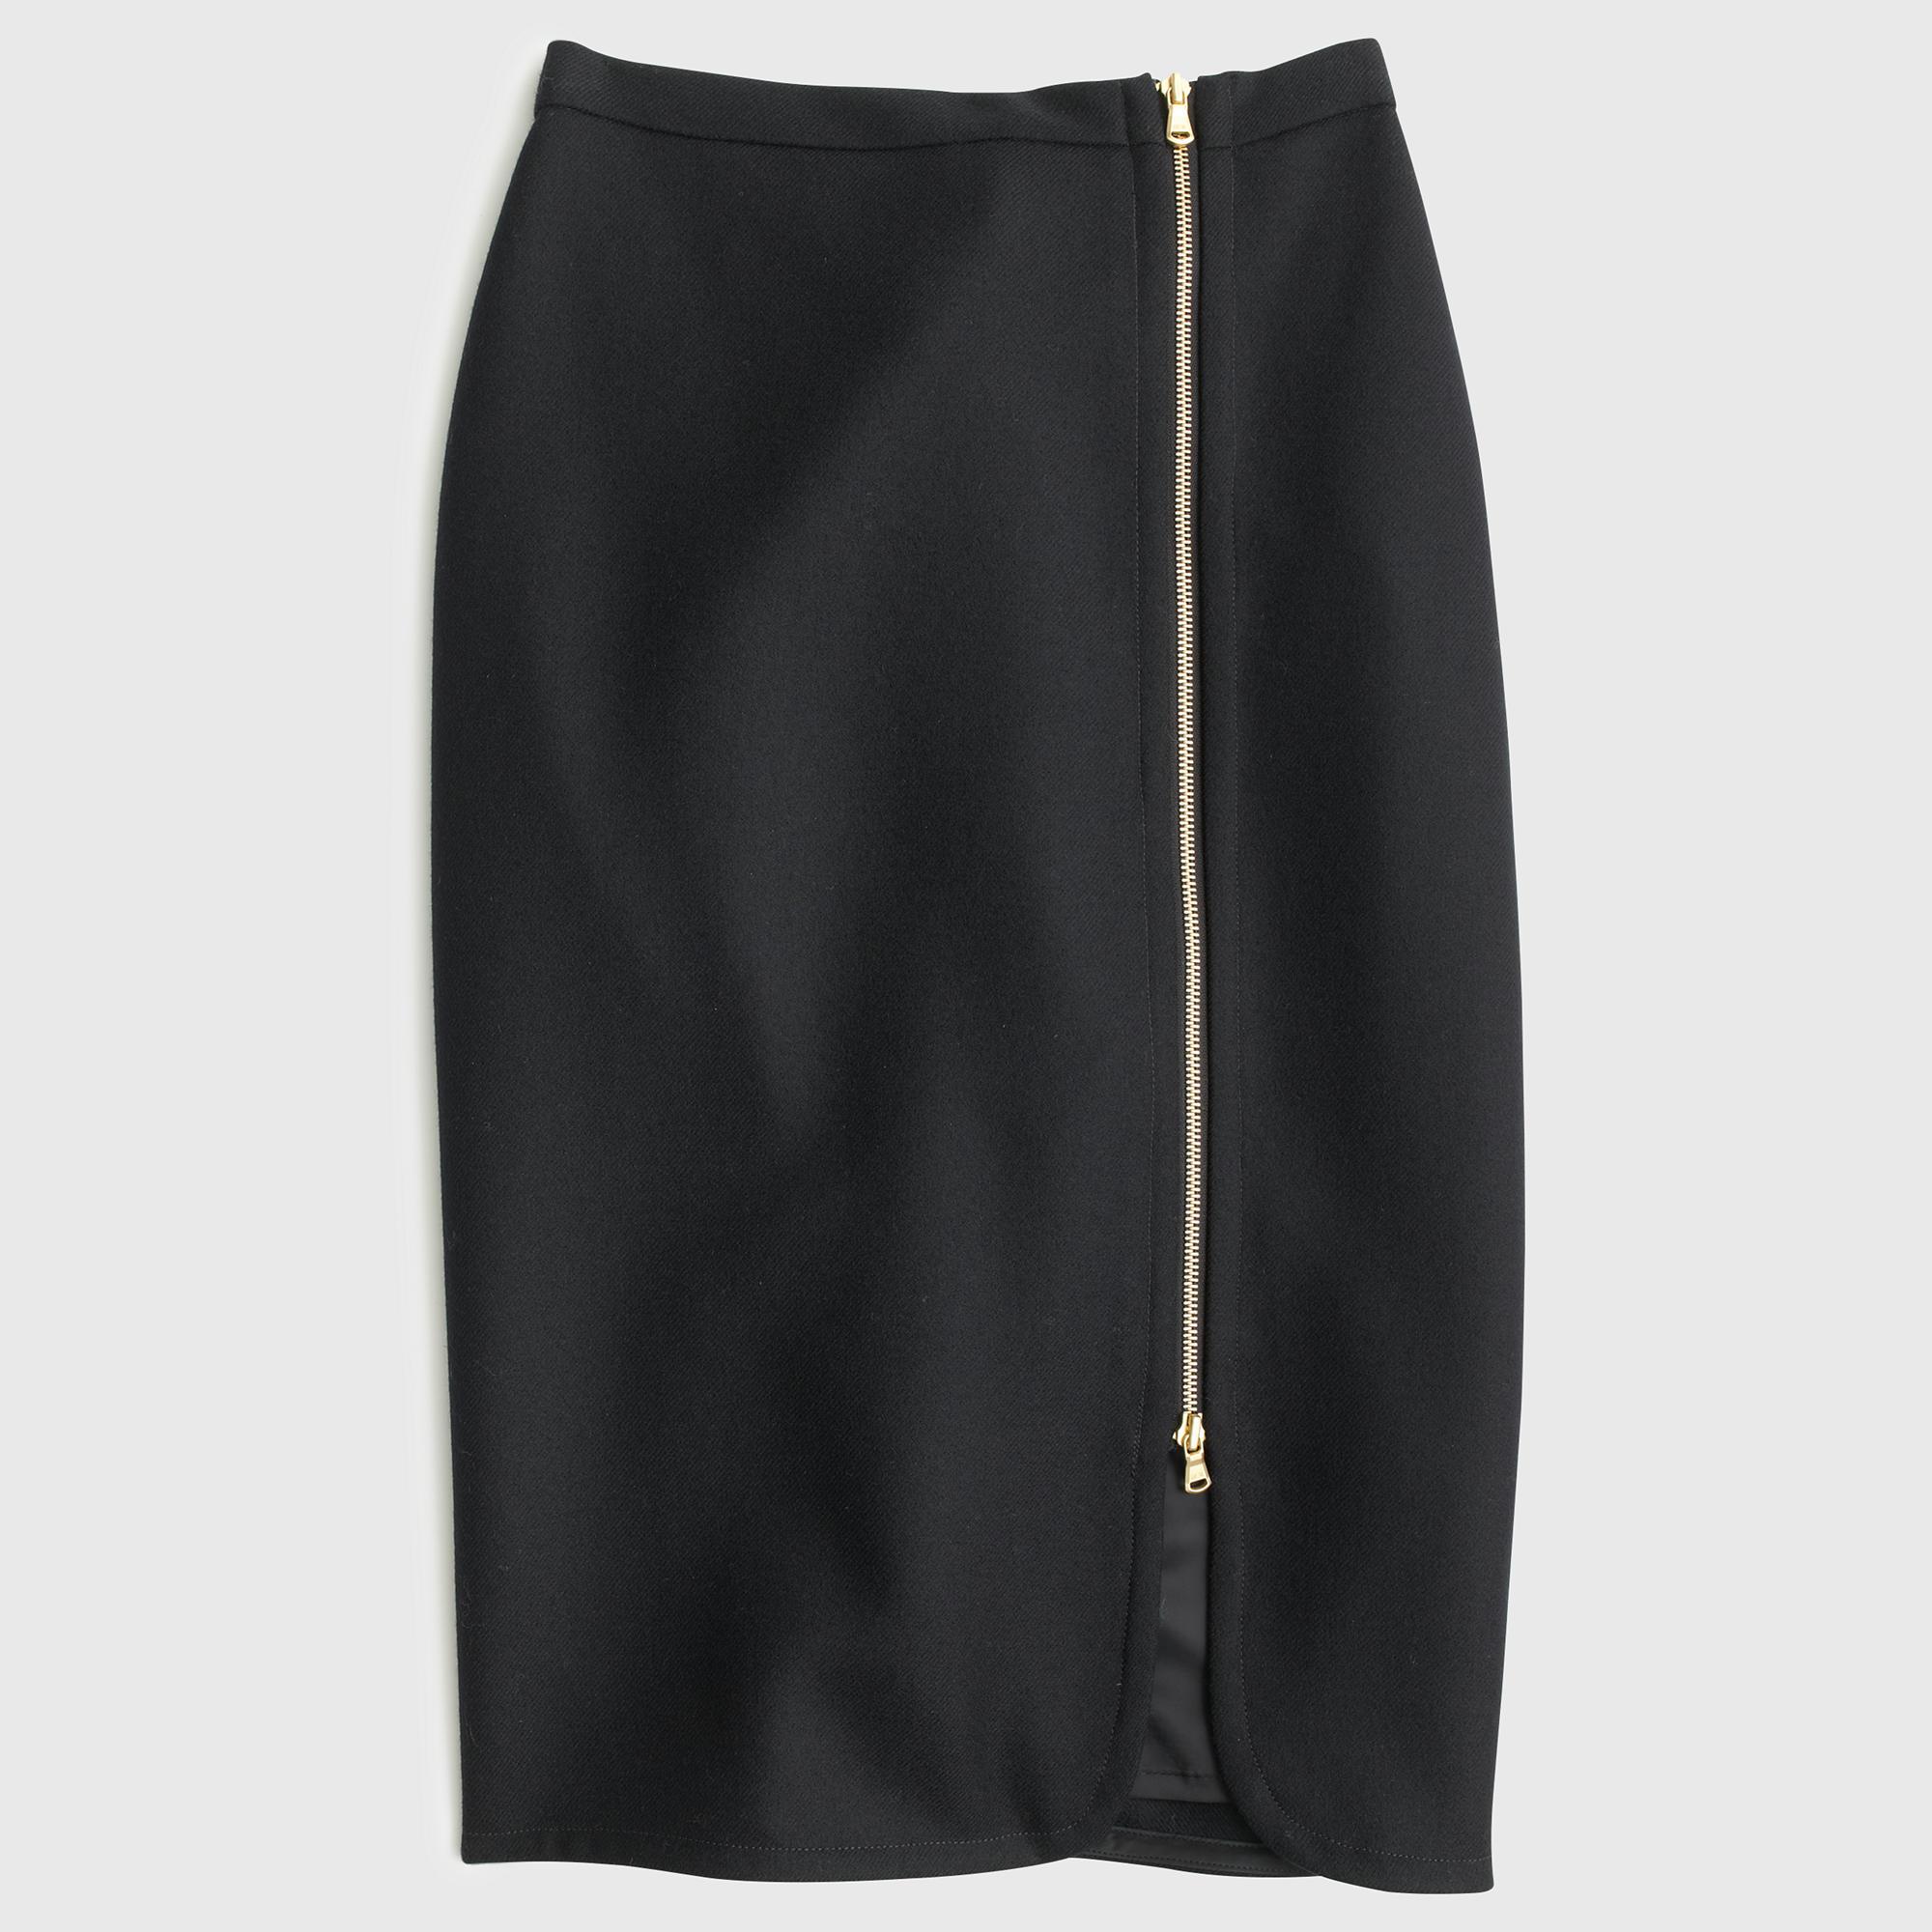 j crew wool zip pencil skirt in black lyst